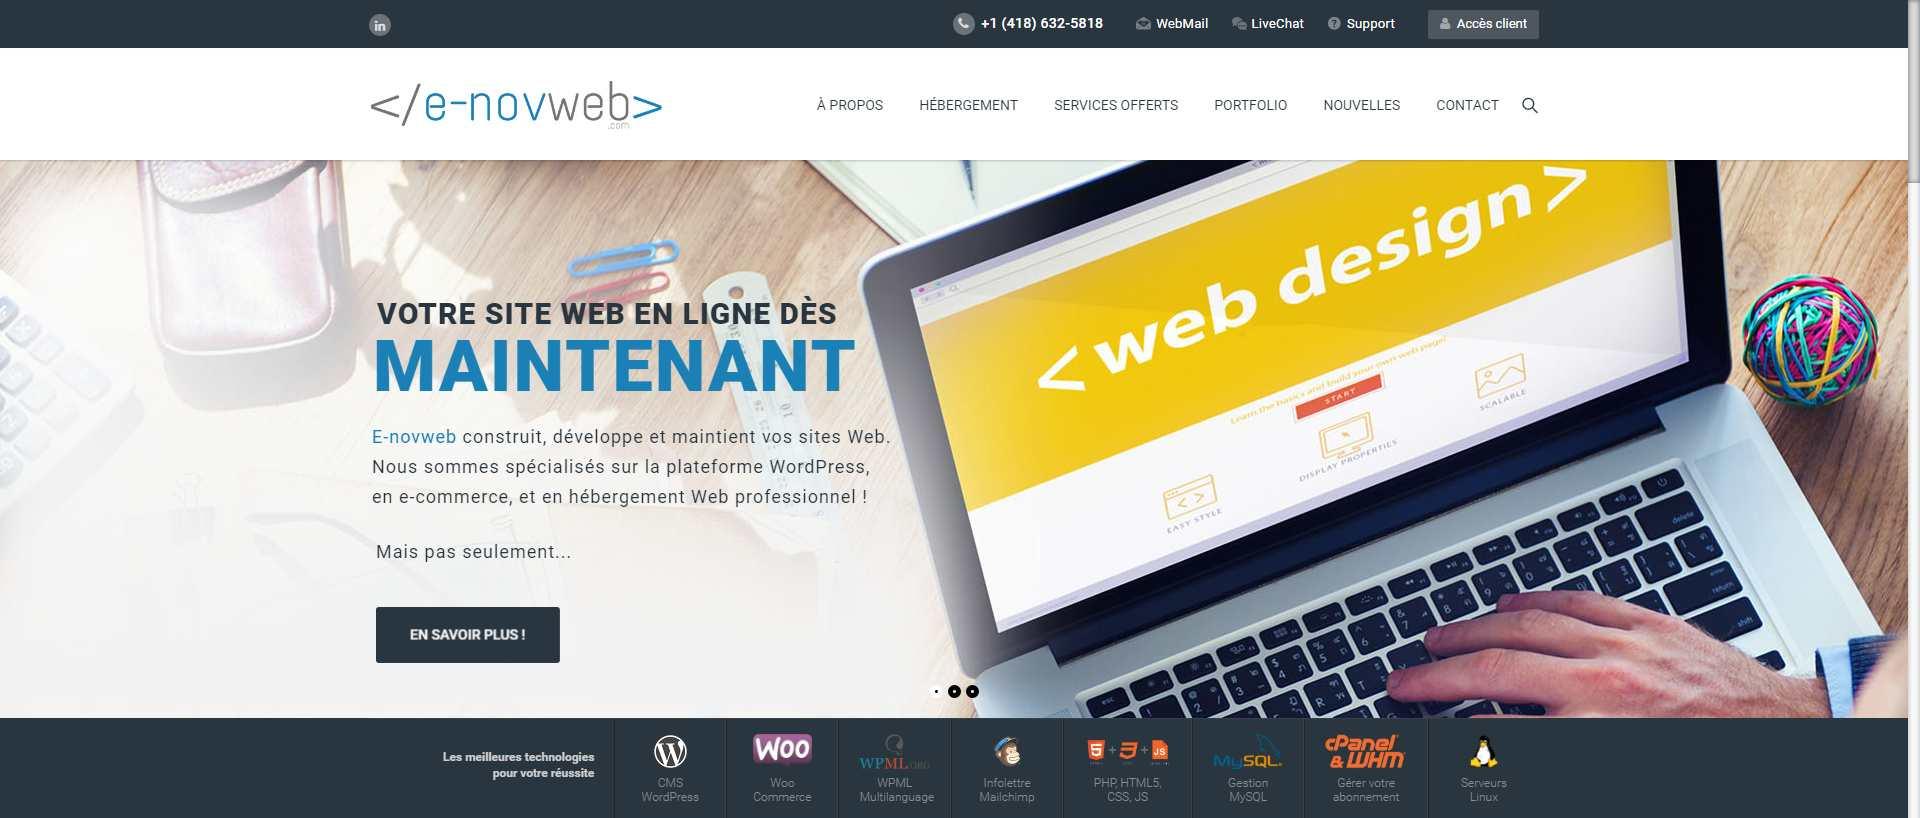 Nouveau site Web E-novweb Décembre 2016